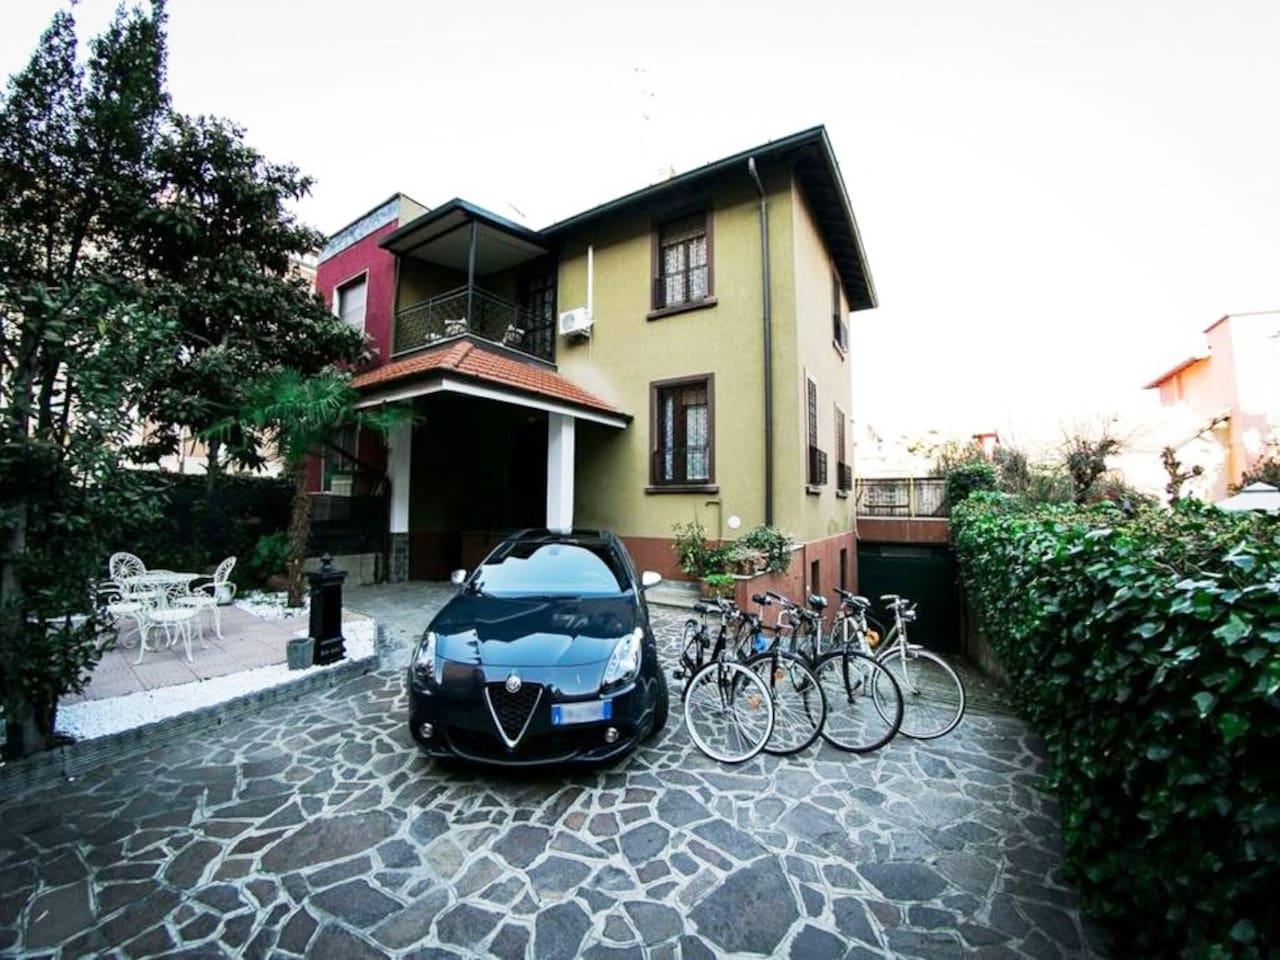 Entrance with garden and private parking - Entrata con giardino e parcheggio privato